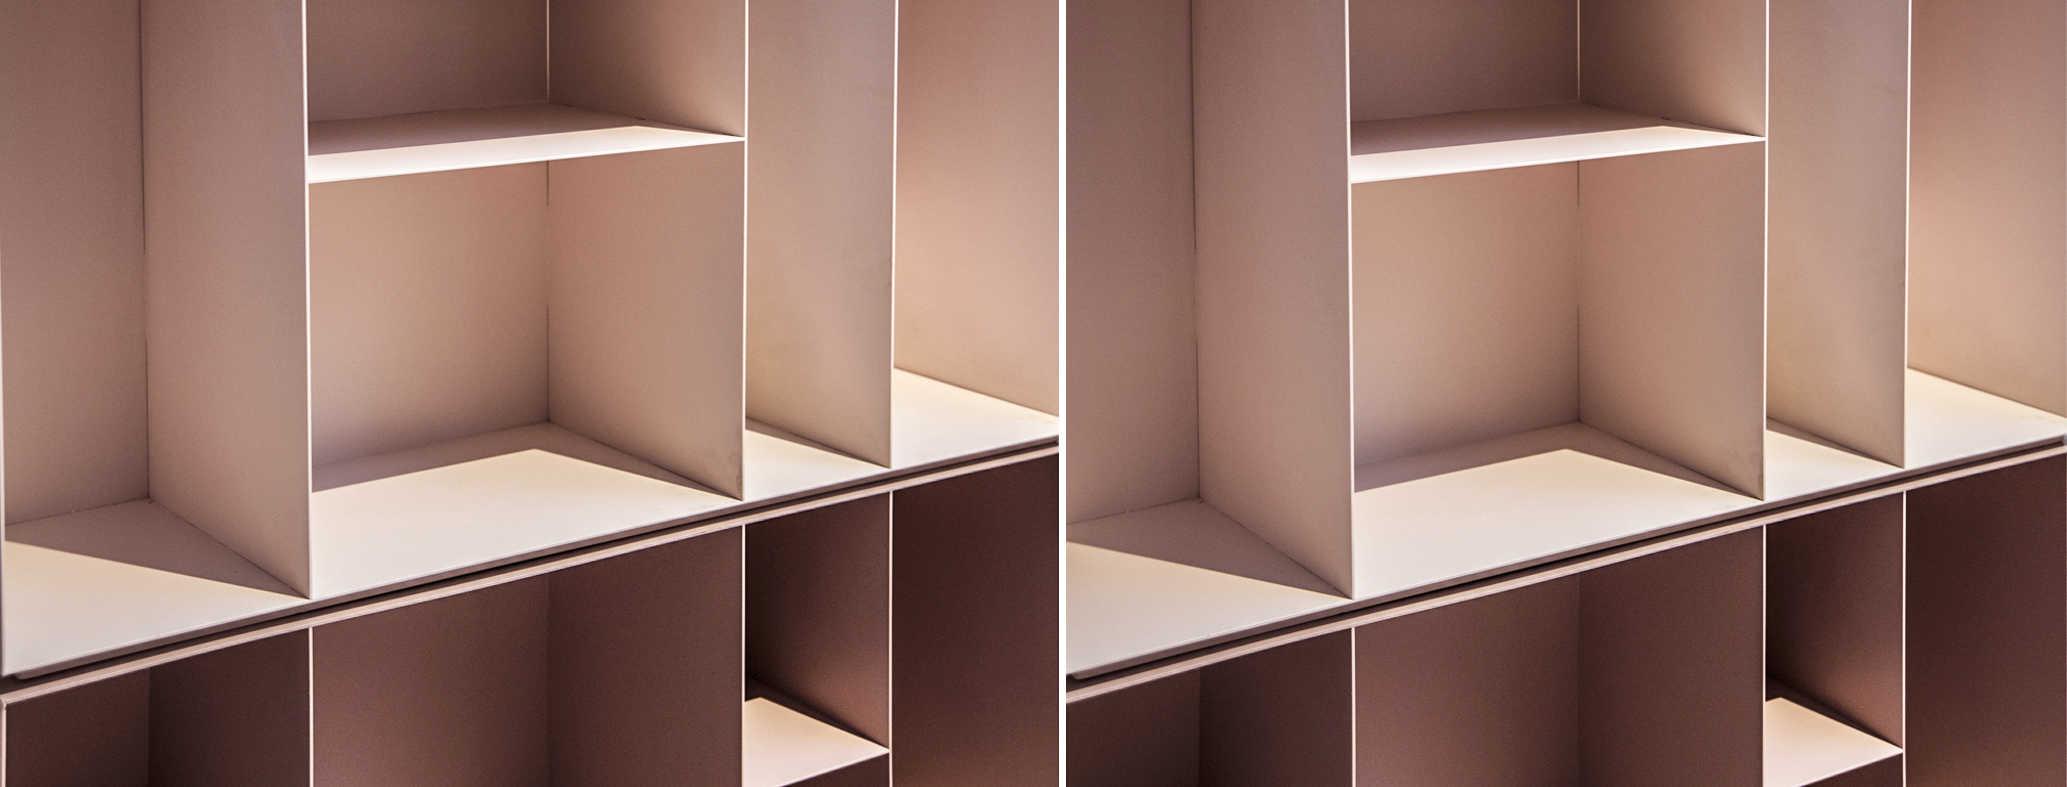 וורודה ספרית מתכת דקיקה פחים